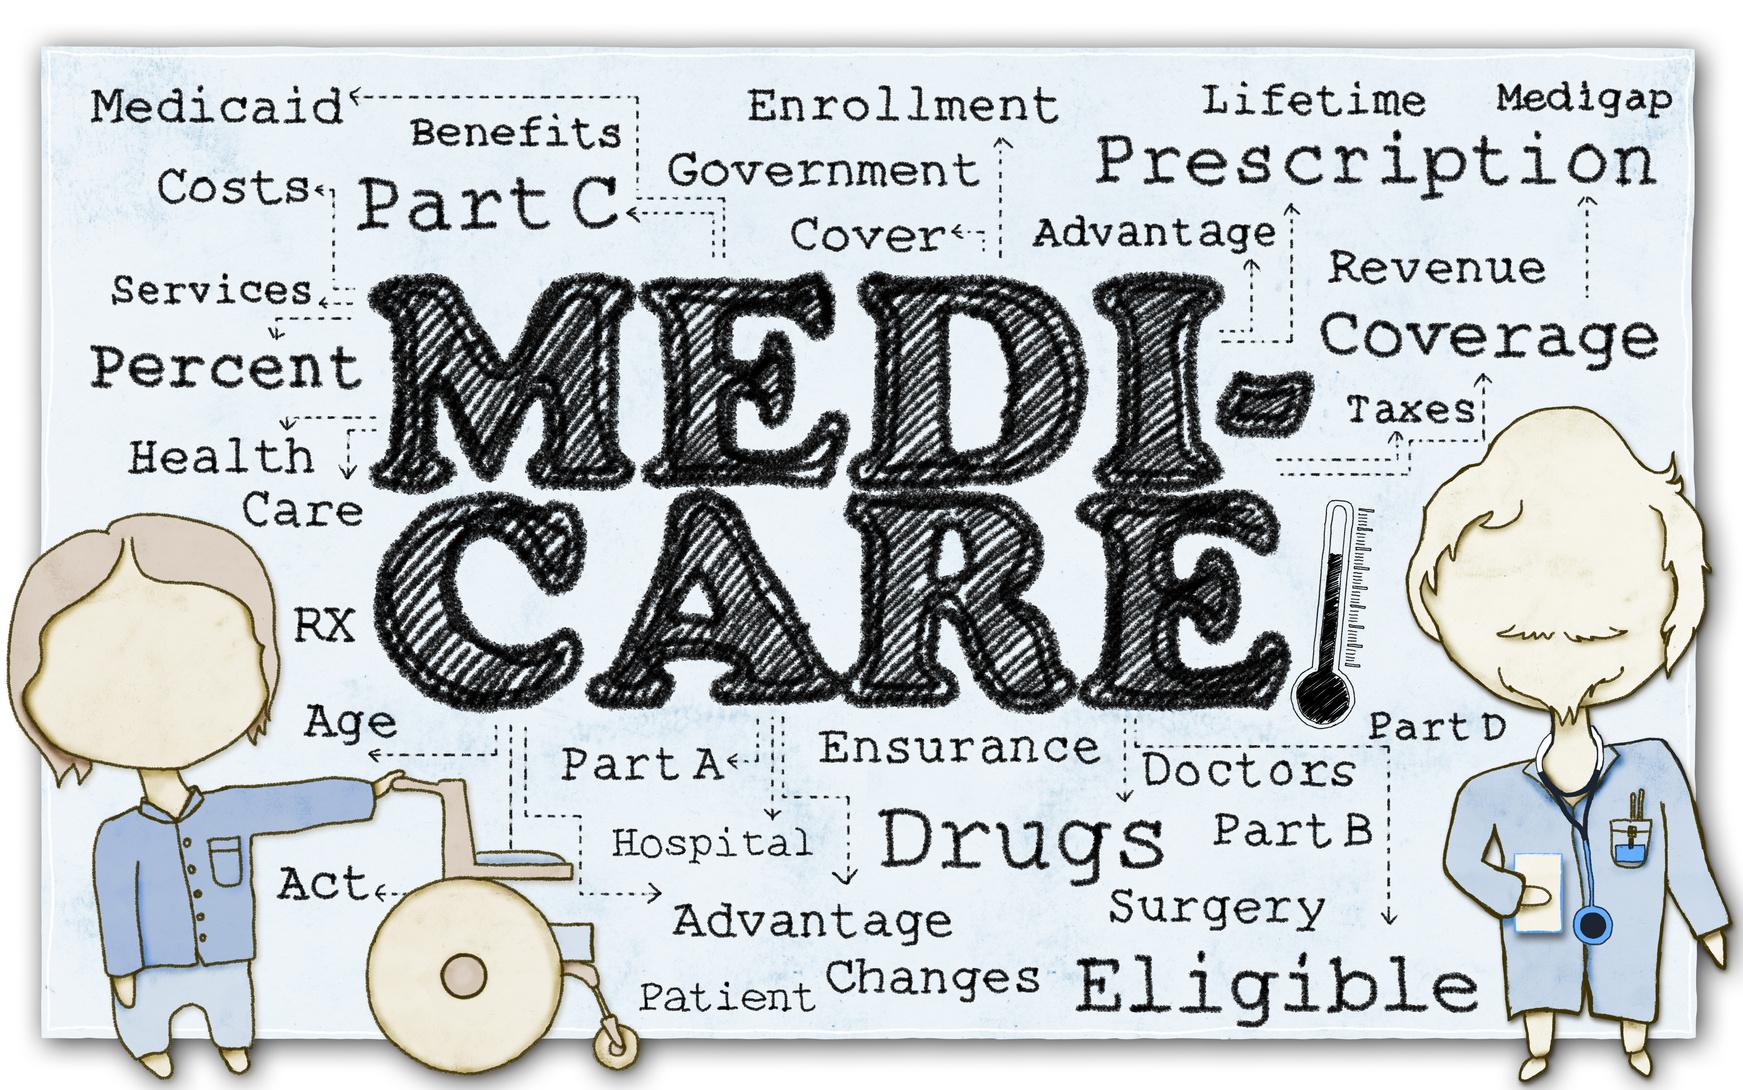 Age 75 Long Term Care Plan Medicare Part G Nursing